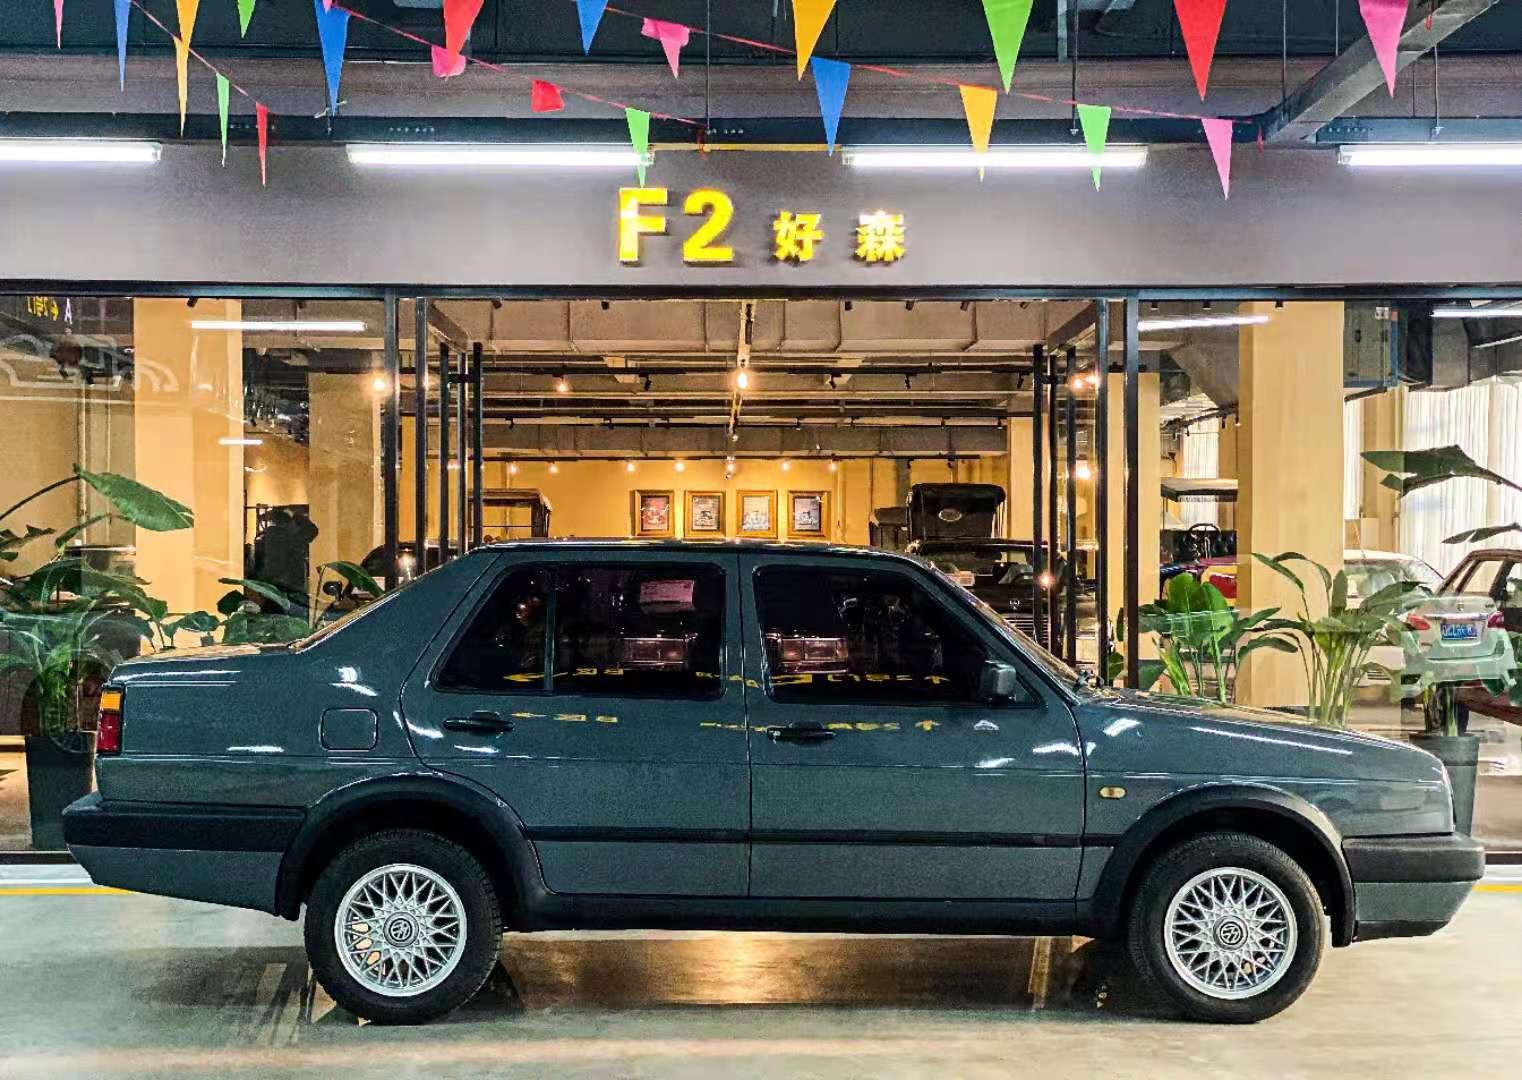 经典车 极具收藏意义的2000款老款捷达。350 作者:F2大森古典车